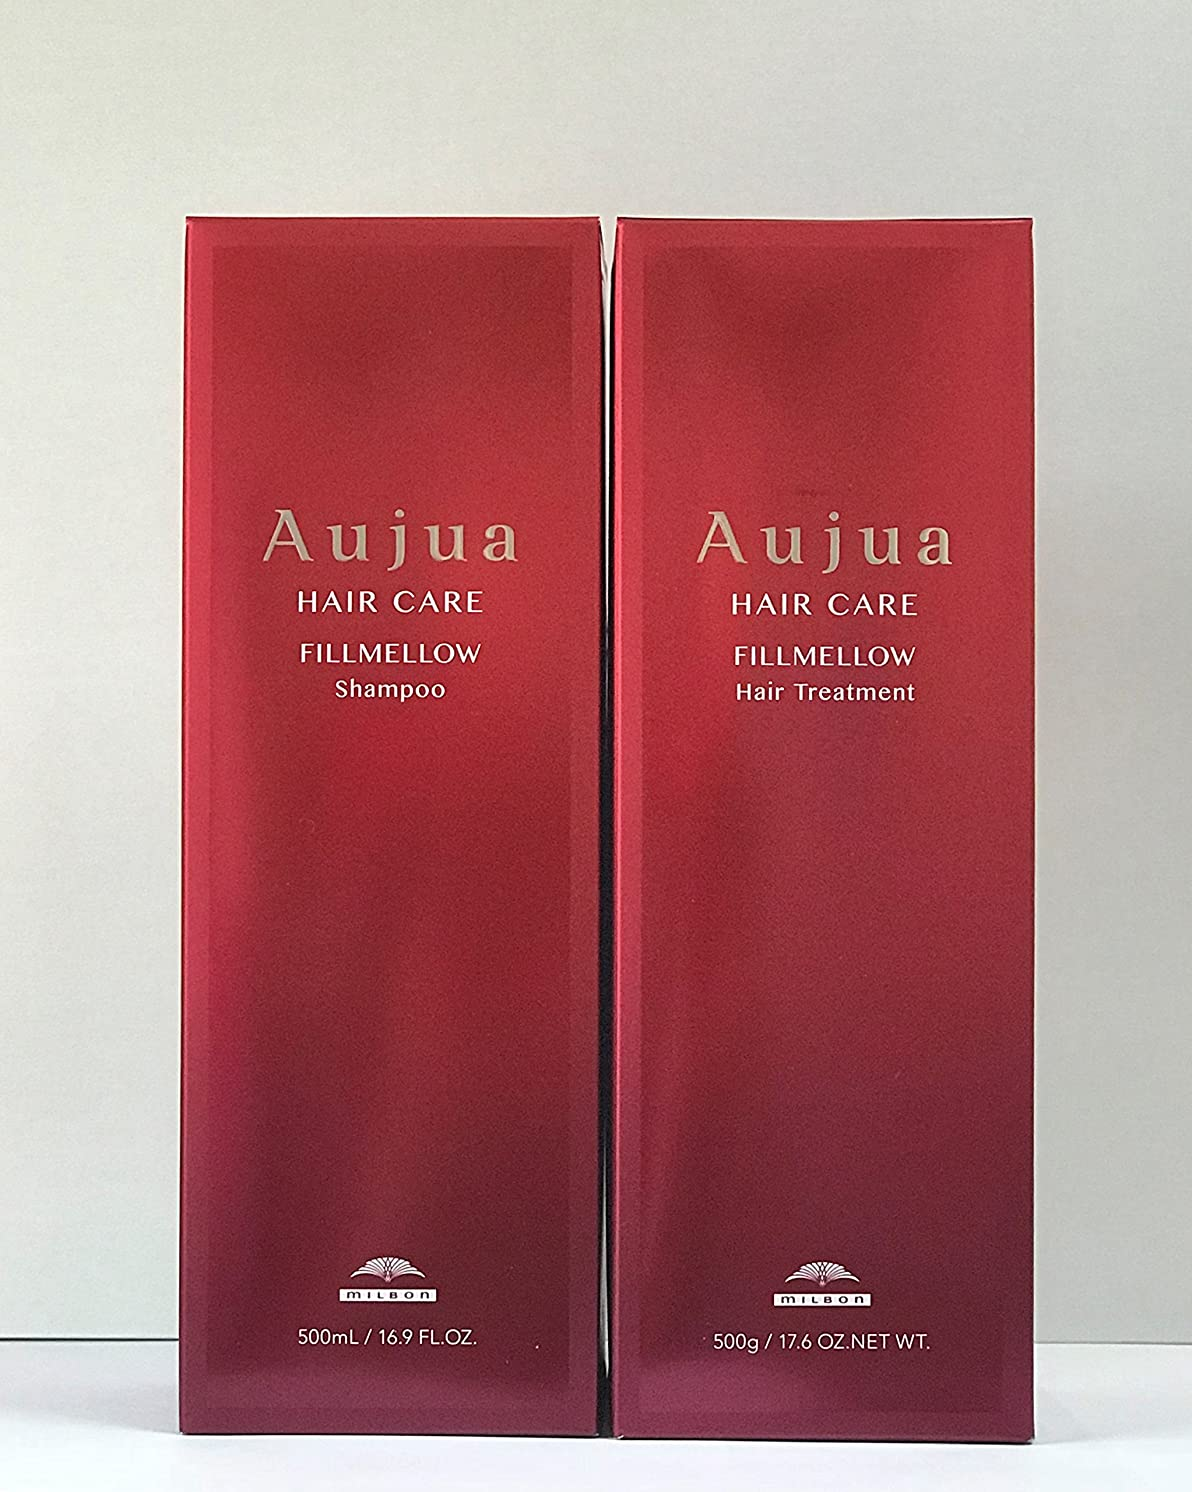 見せます付属品アコードミルボン(Aujua)オージュア フィルメロウ シャンプー&ヘアトリートメント 500ml セットAFM